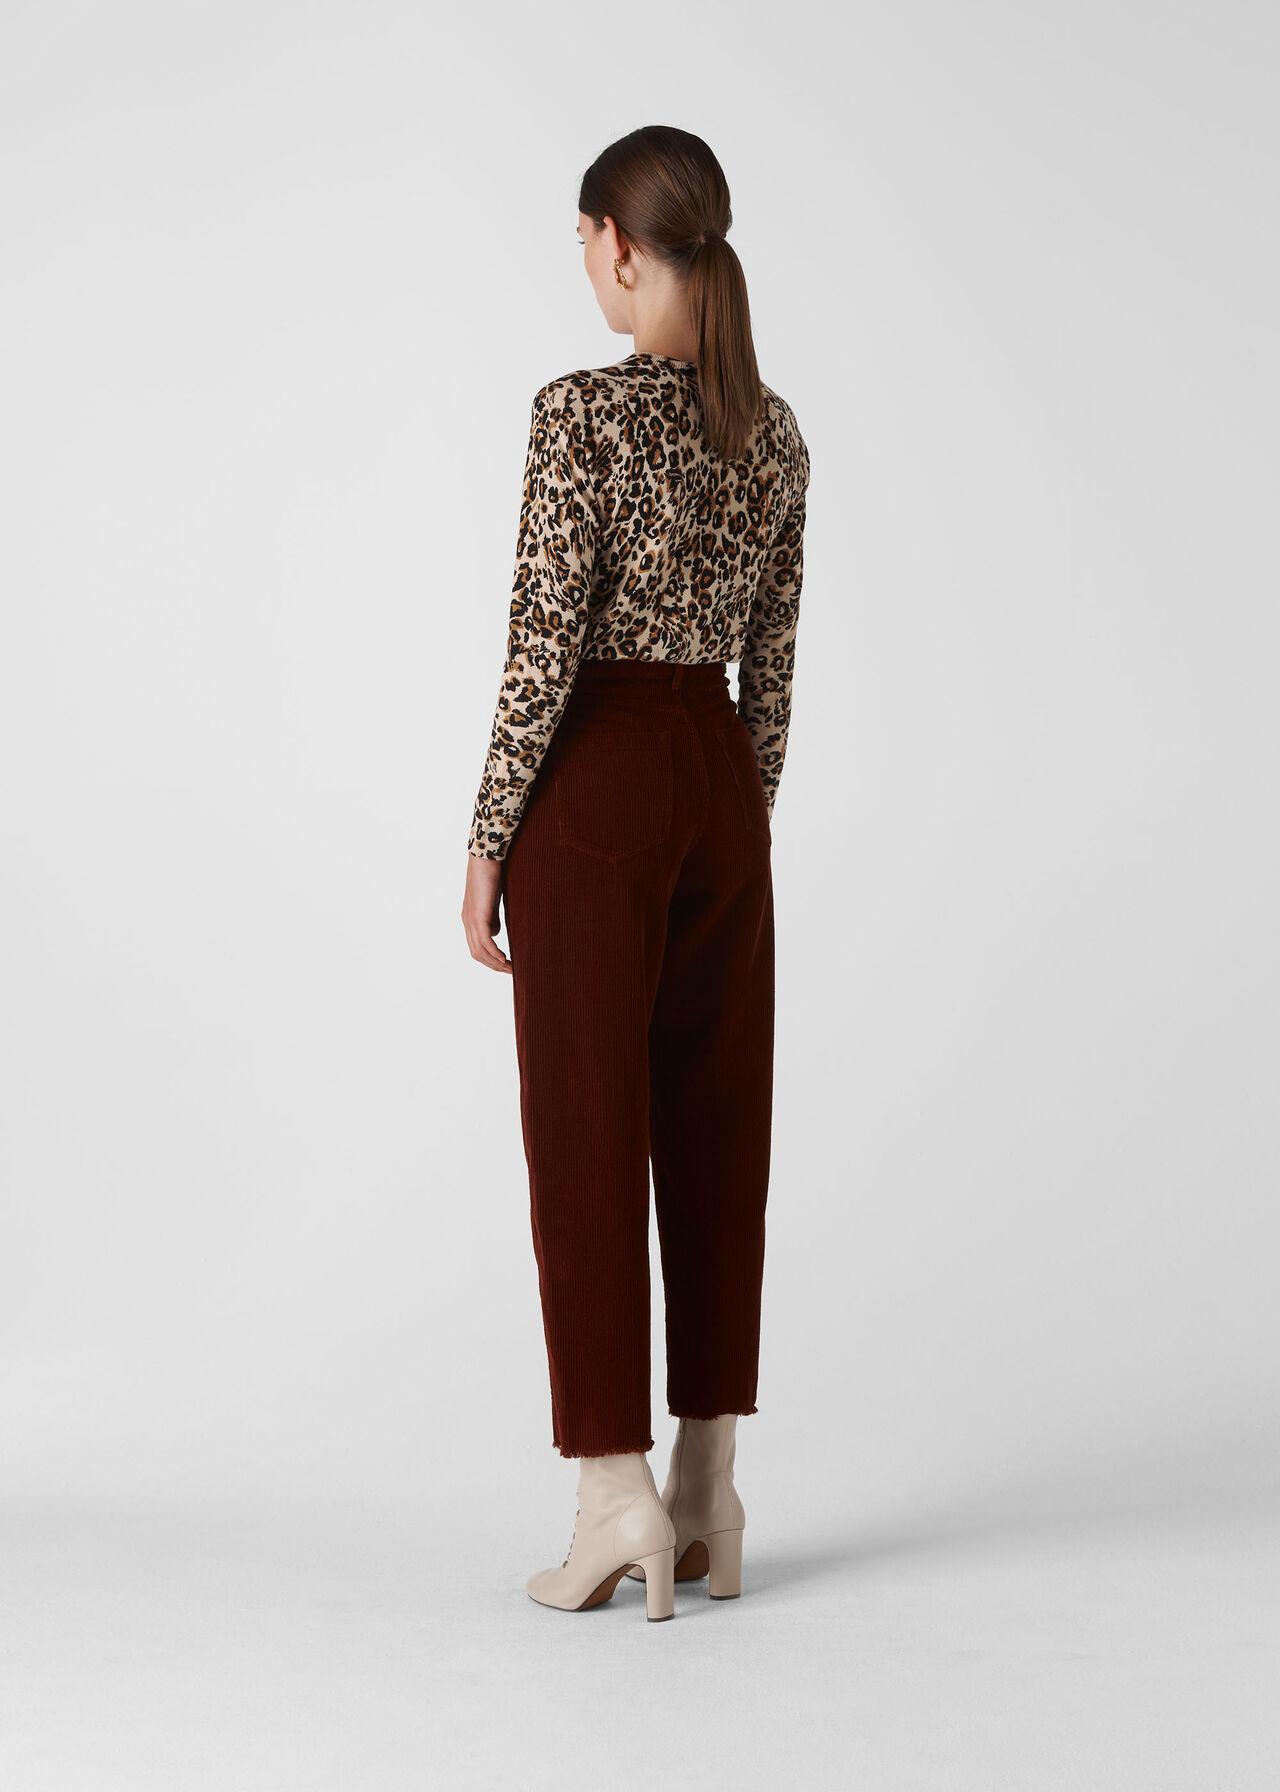 Leopard Print Crew Neck Knit Leopard Print